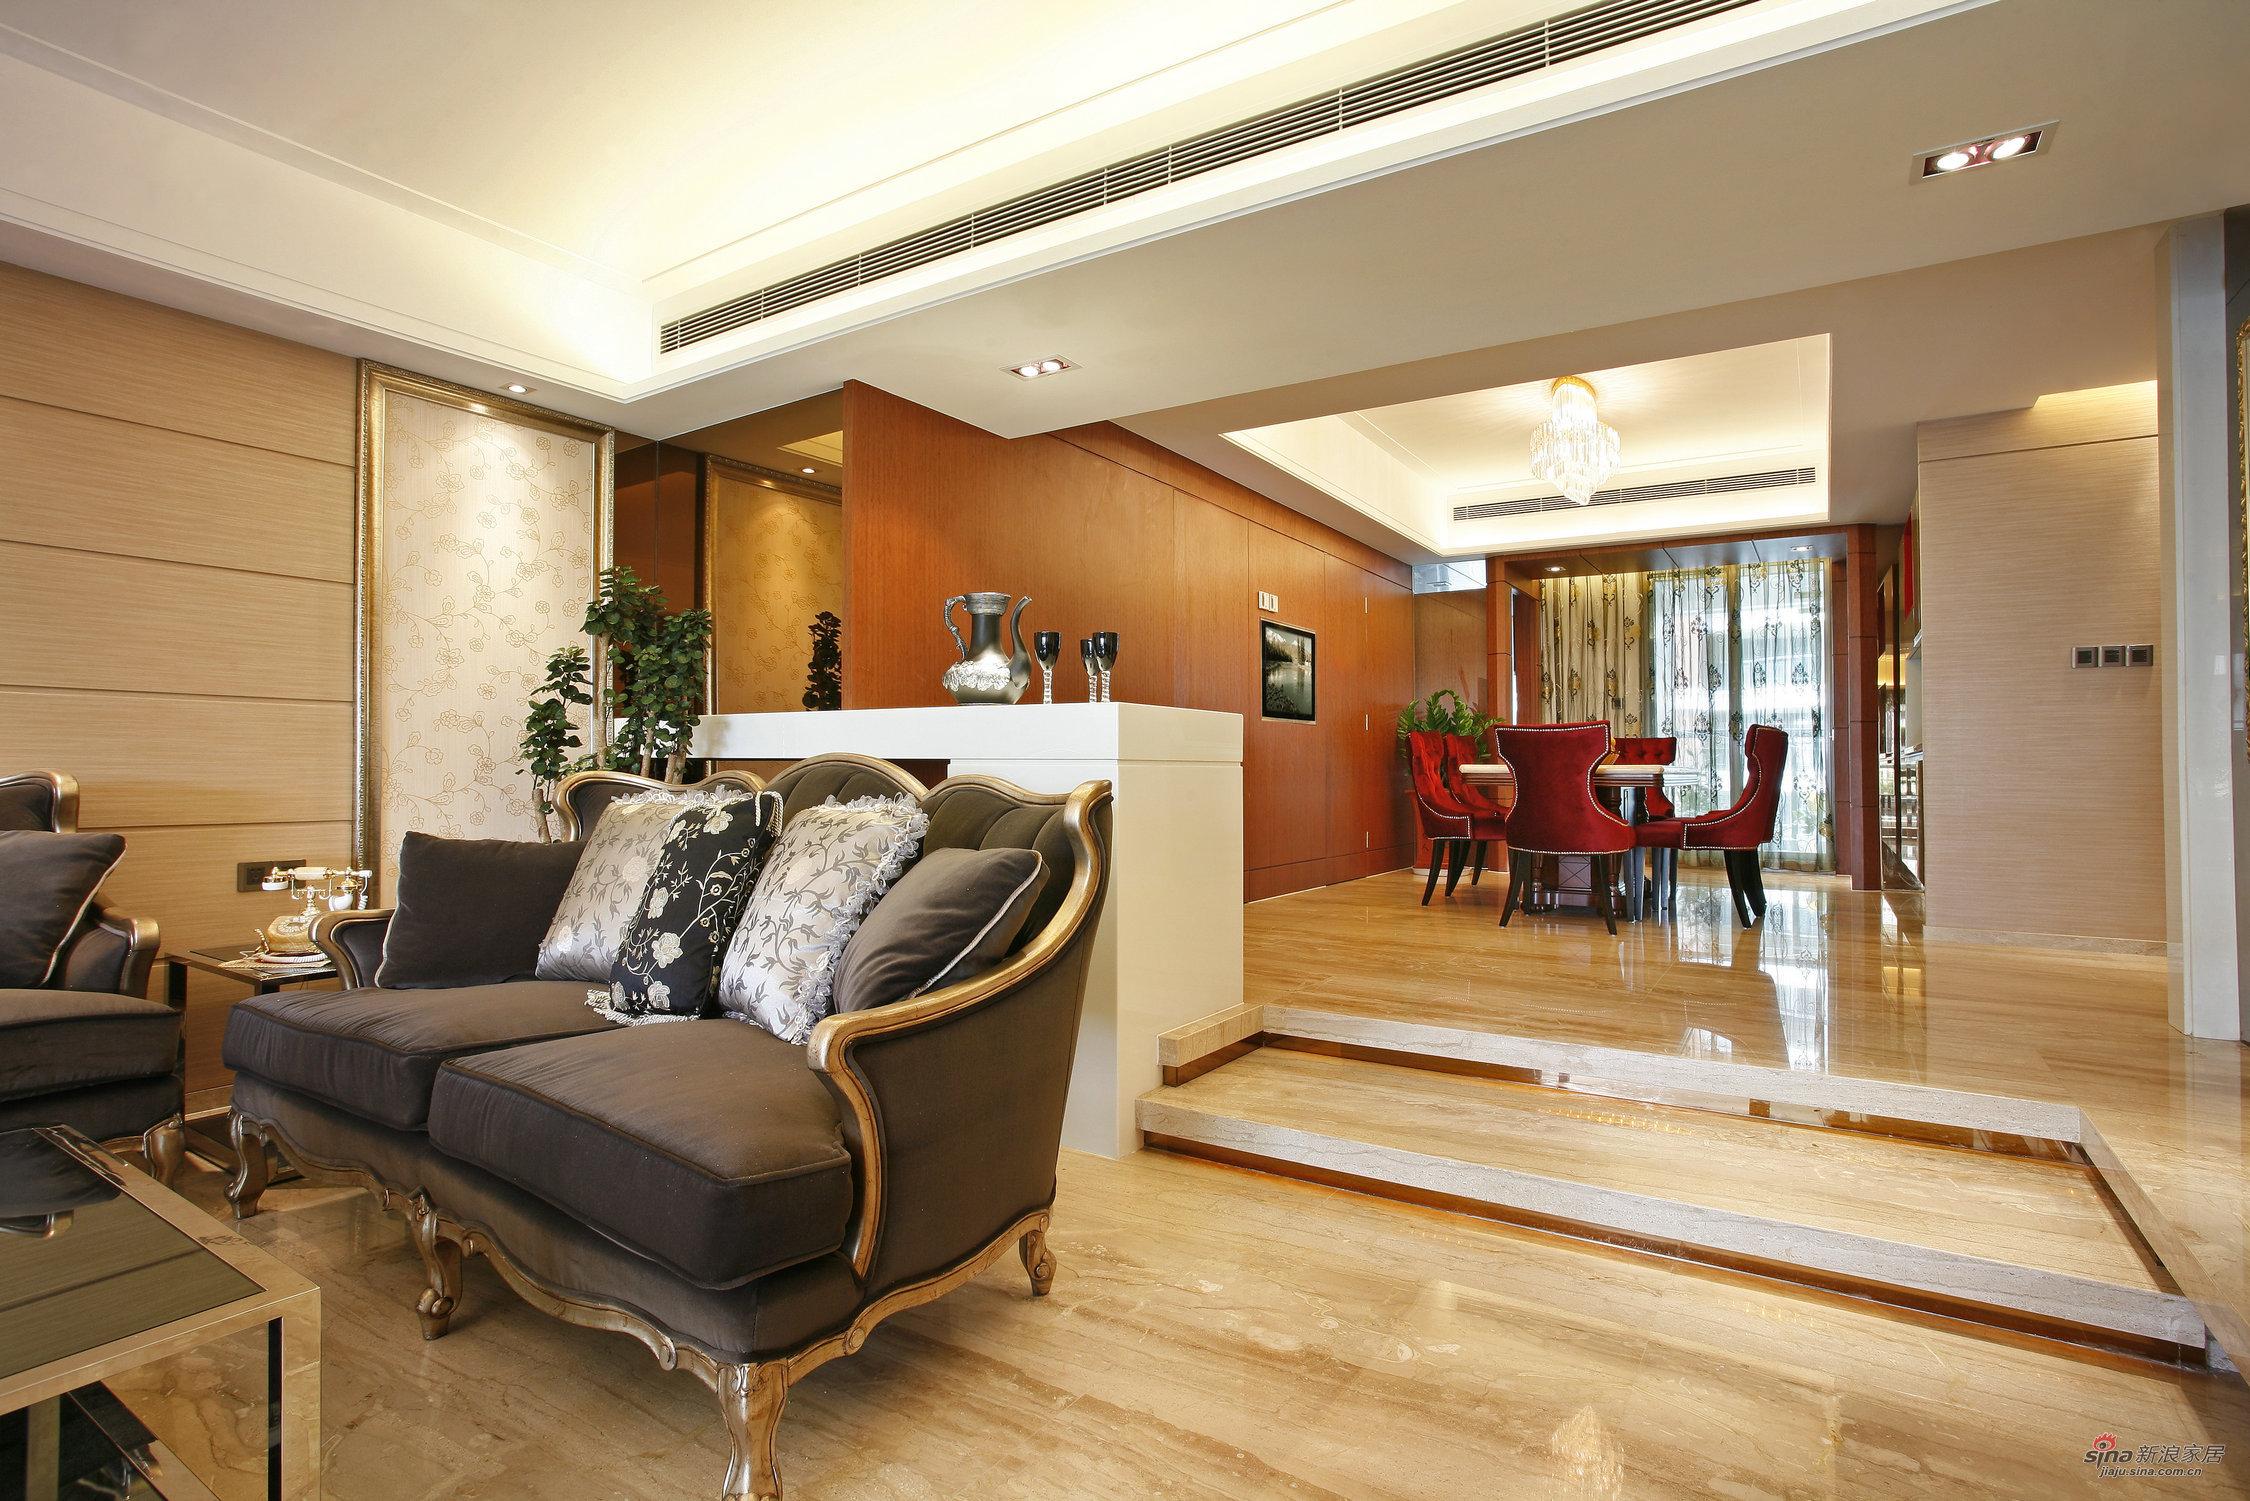 欧式 三居 客厅图片来自用户2557013183在85后情侣用心构筑130平欧式爱家72的分享